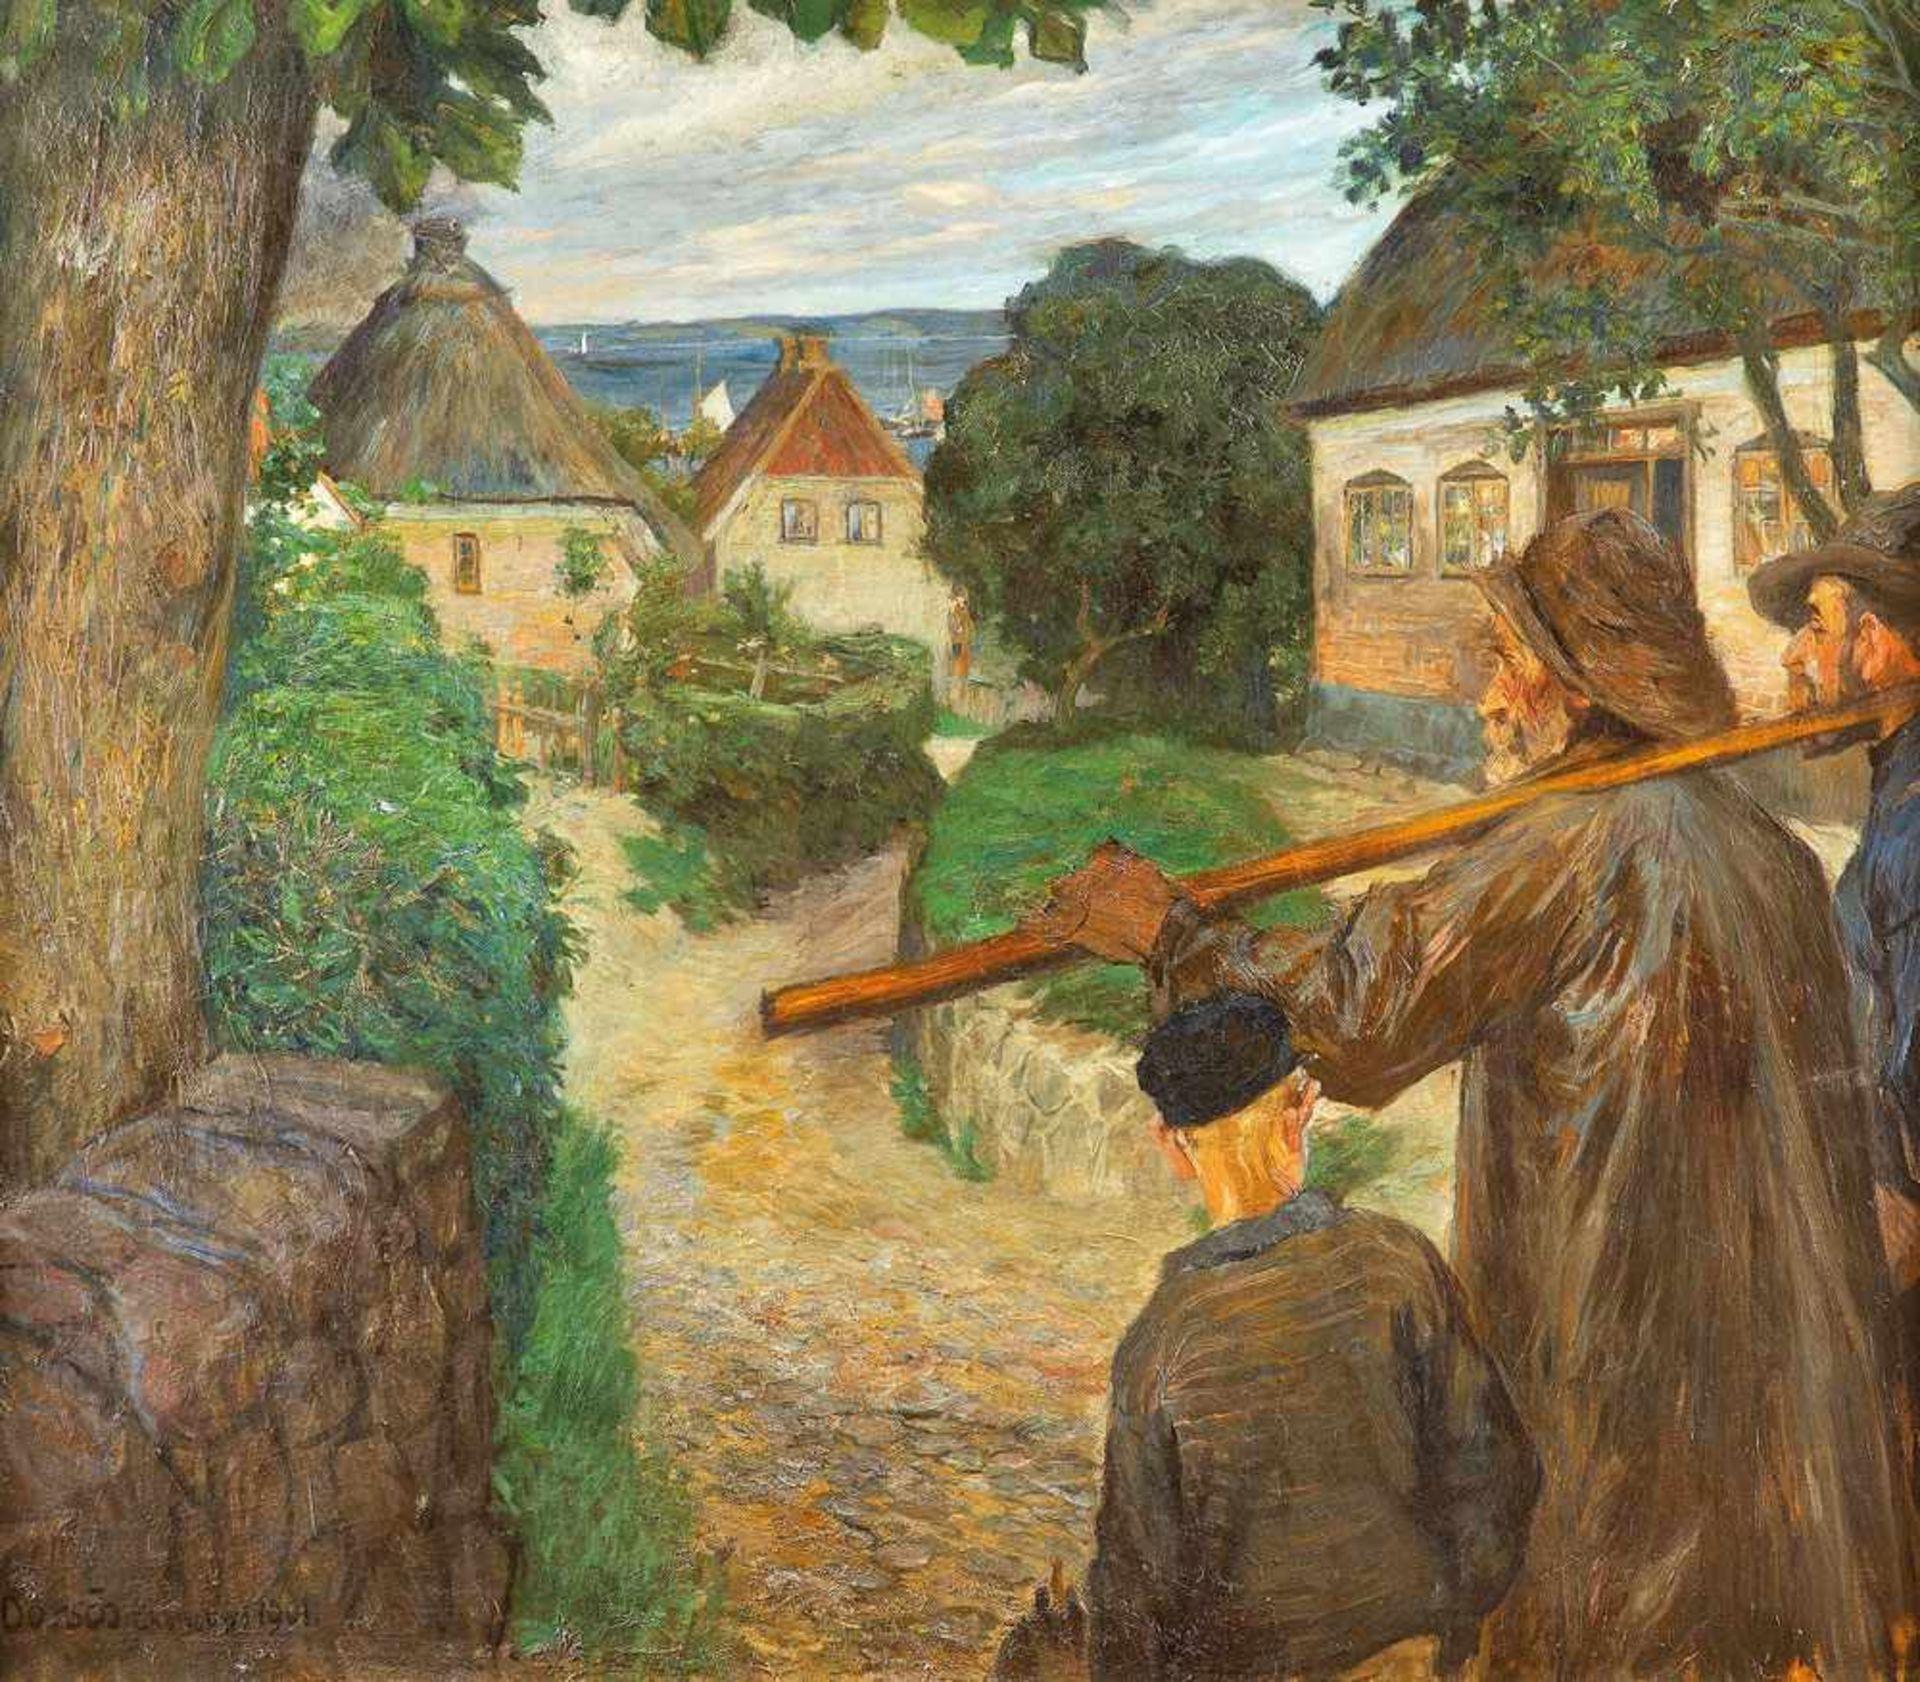 Ferdinand Dorsch (1875 Fünfkirchen/Ungarn - 1938 Dresden)Fischer in Ekensund.Öl auf Leinwand. 1901.